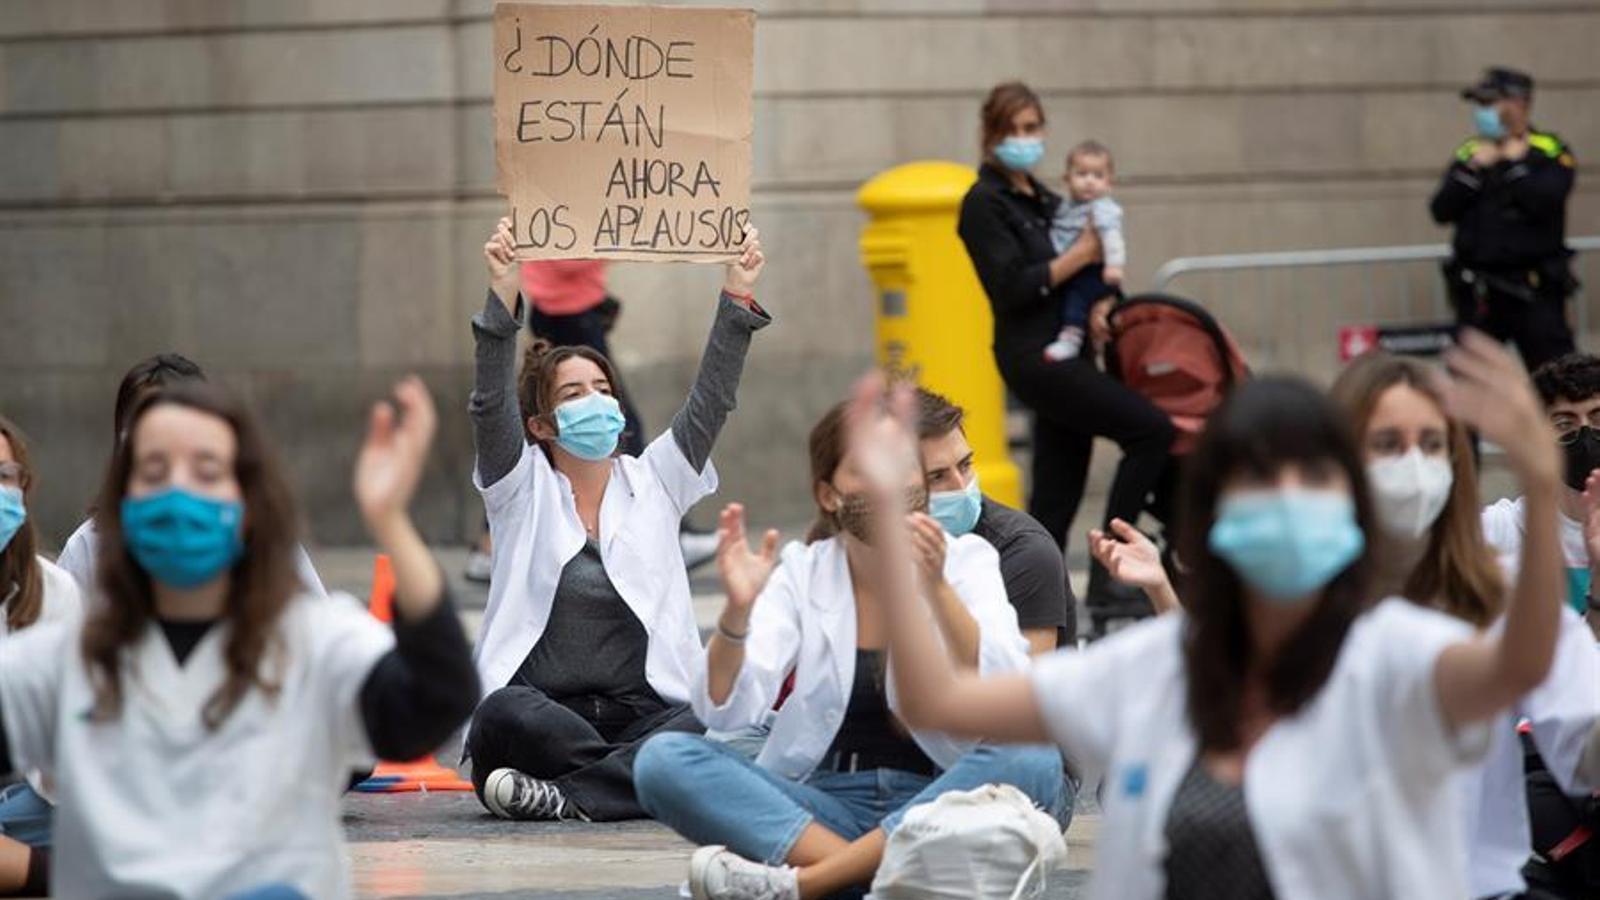 Protesta dels MIR a la plaça de Sant Jaume de Barcelona per exigir millores laborals